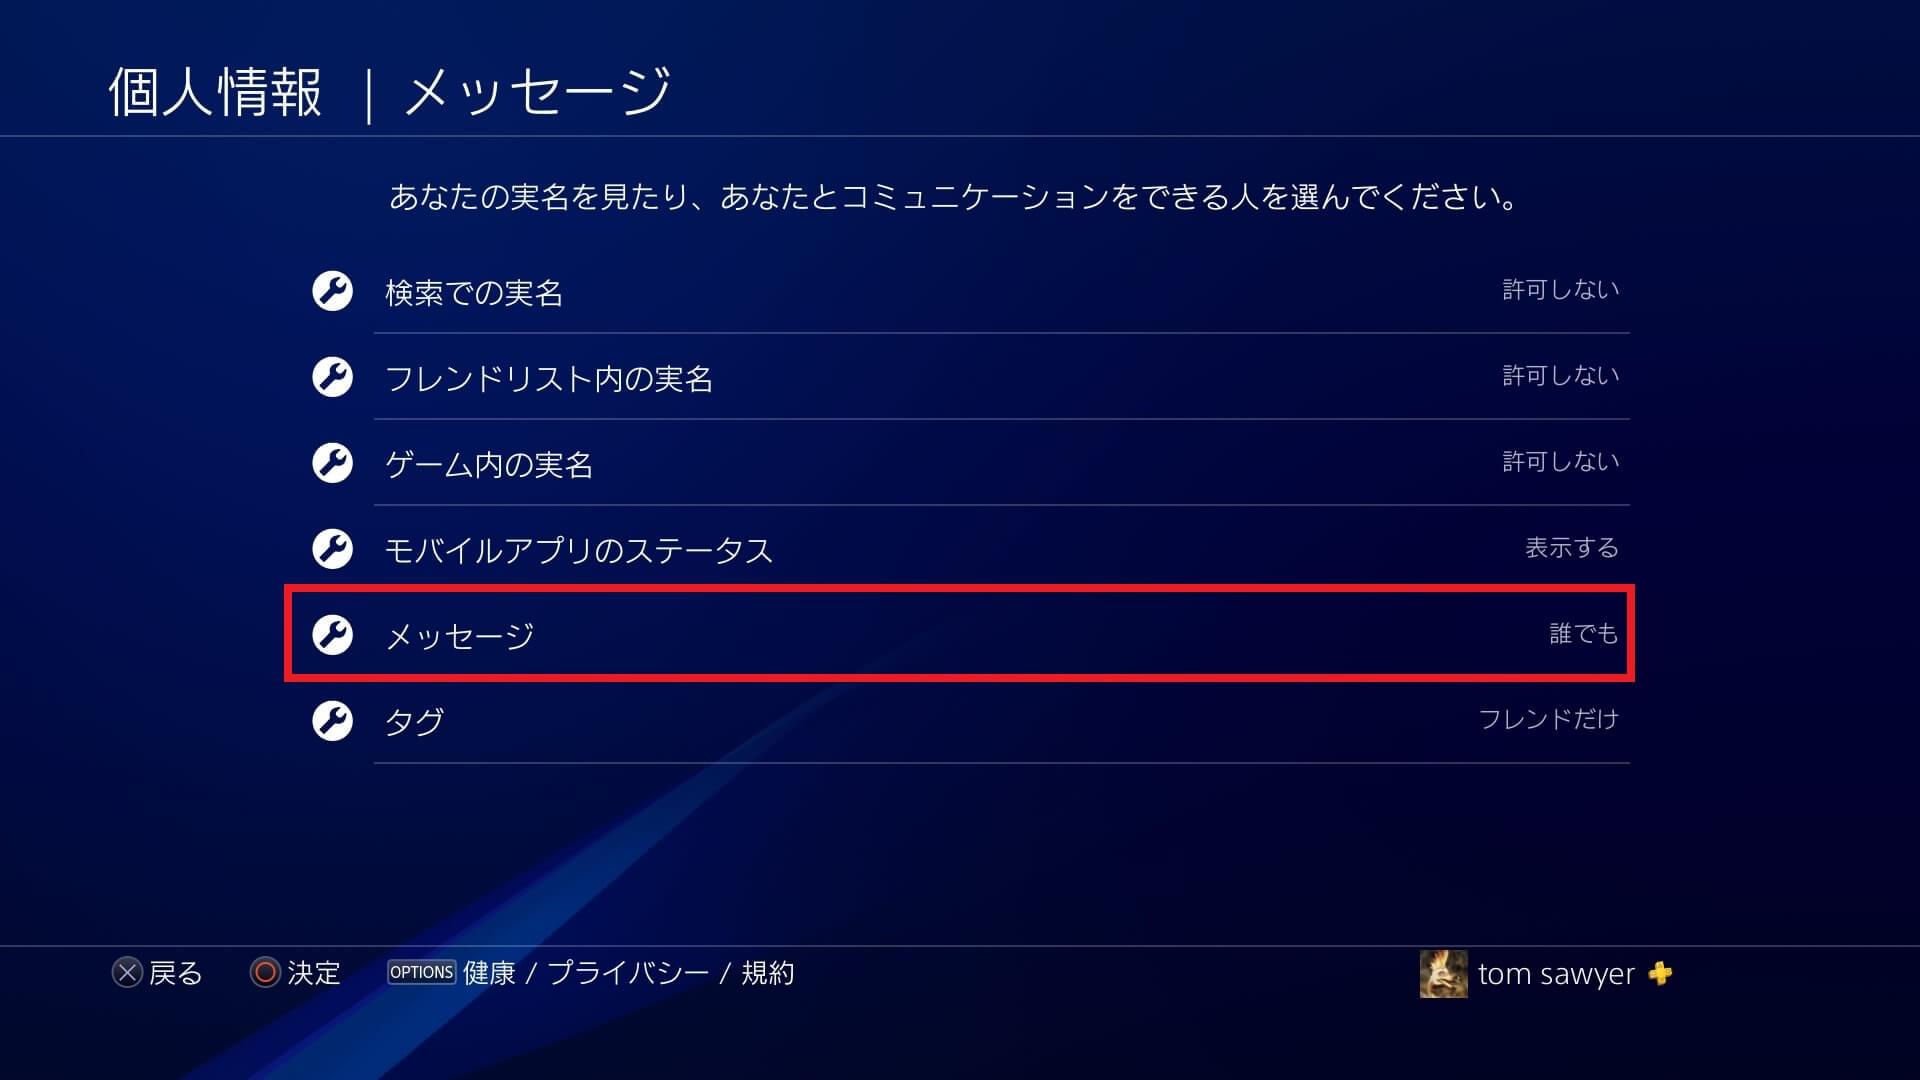 PS4個人情報|メッセージ